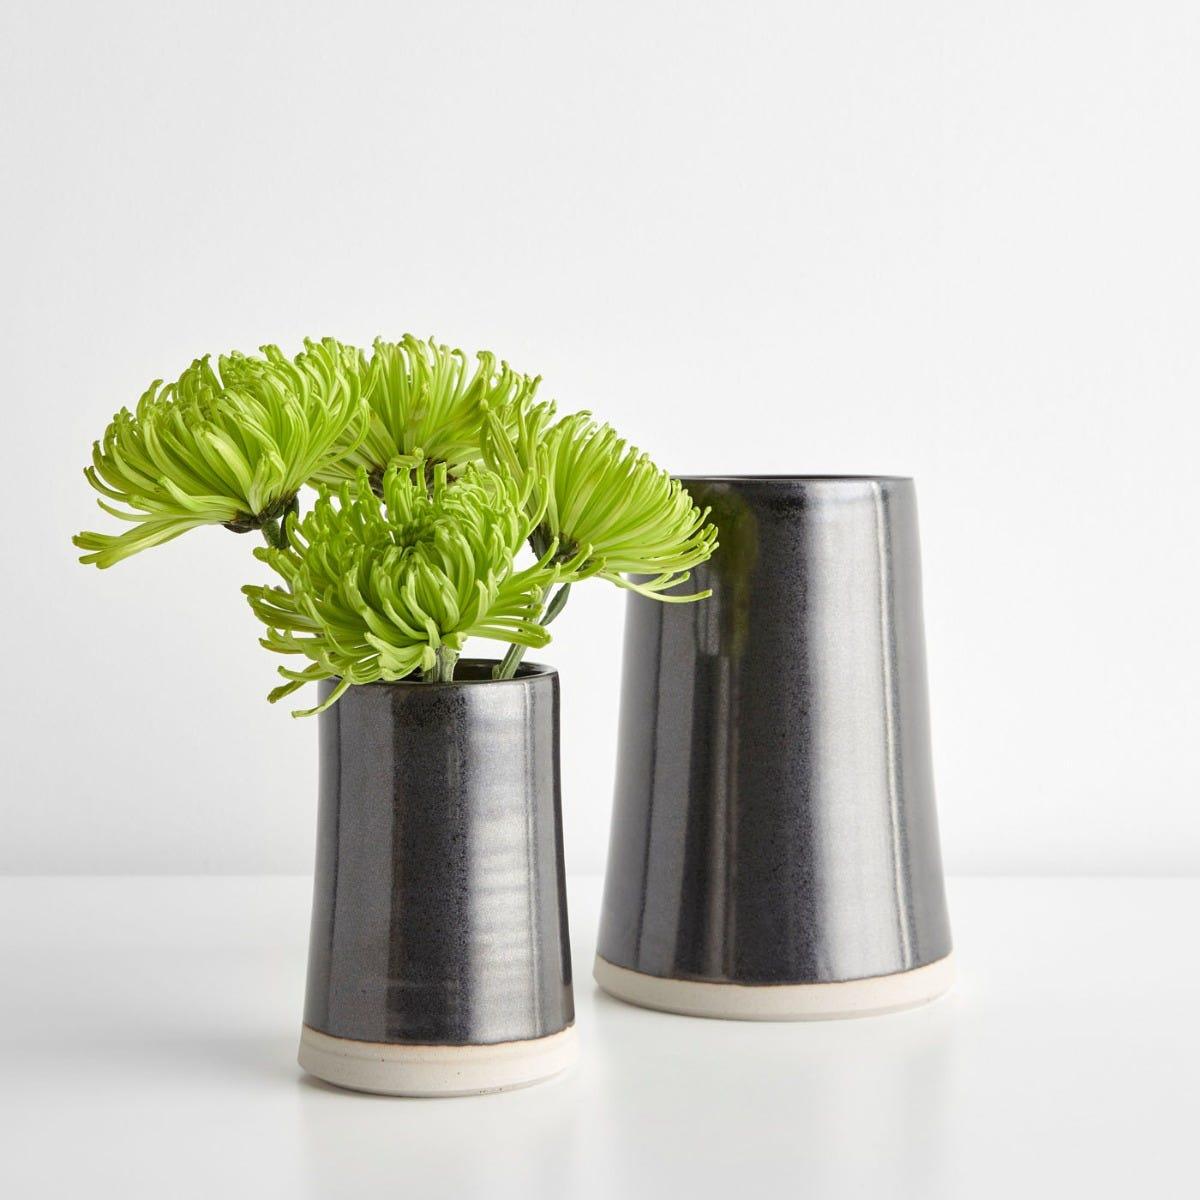 Thrown Gloss Black Vases